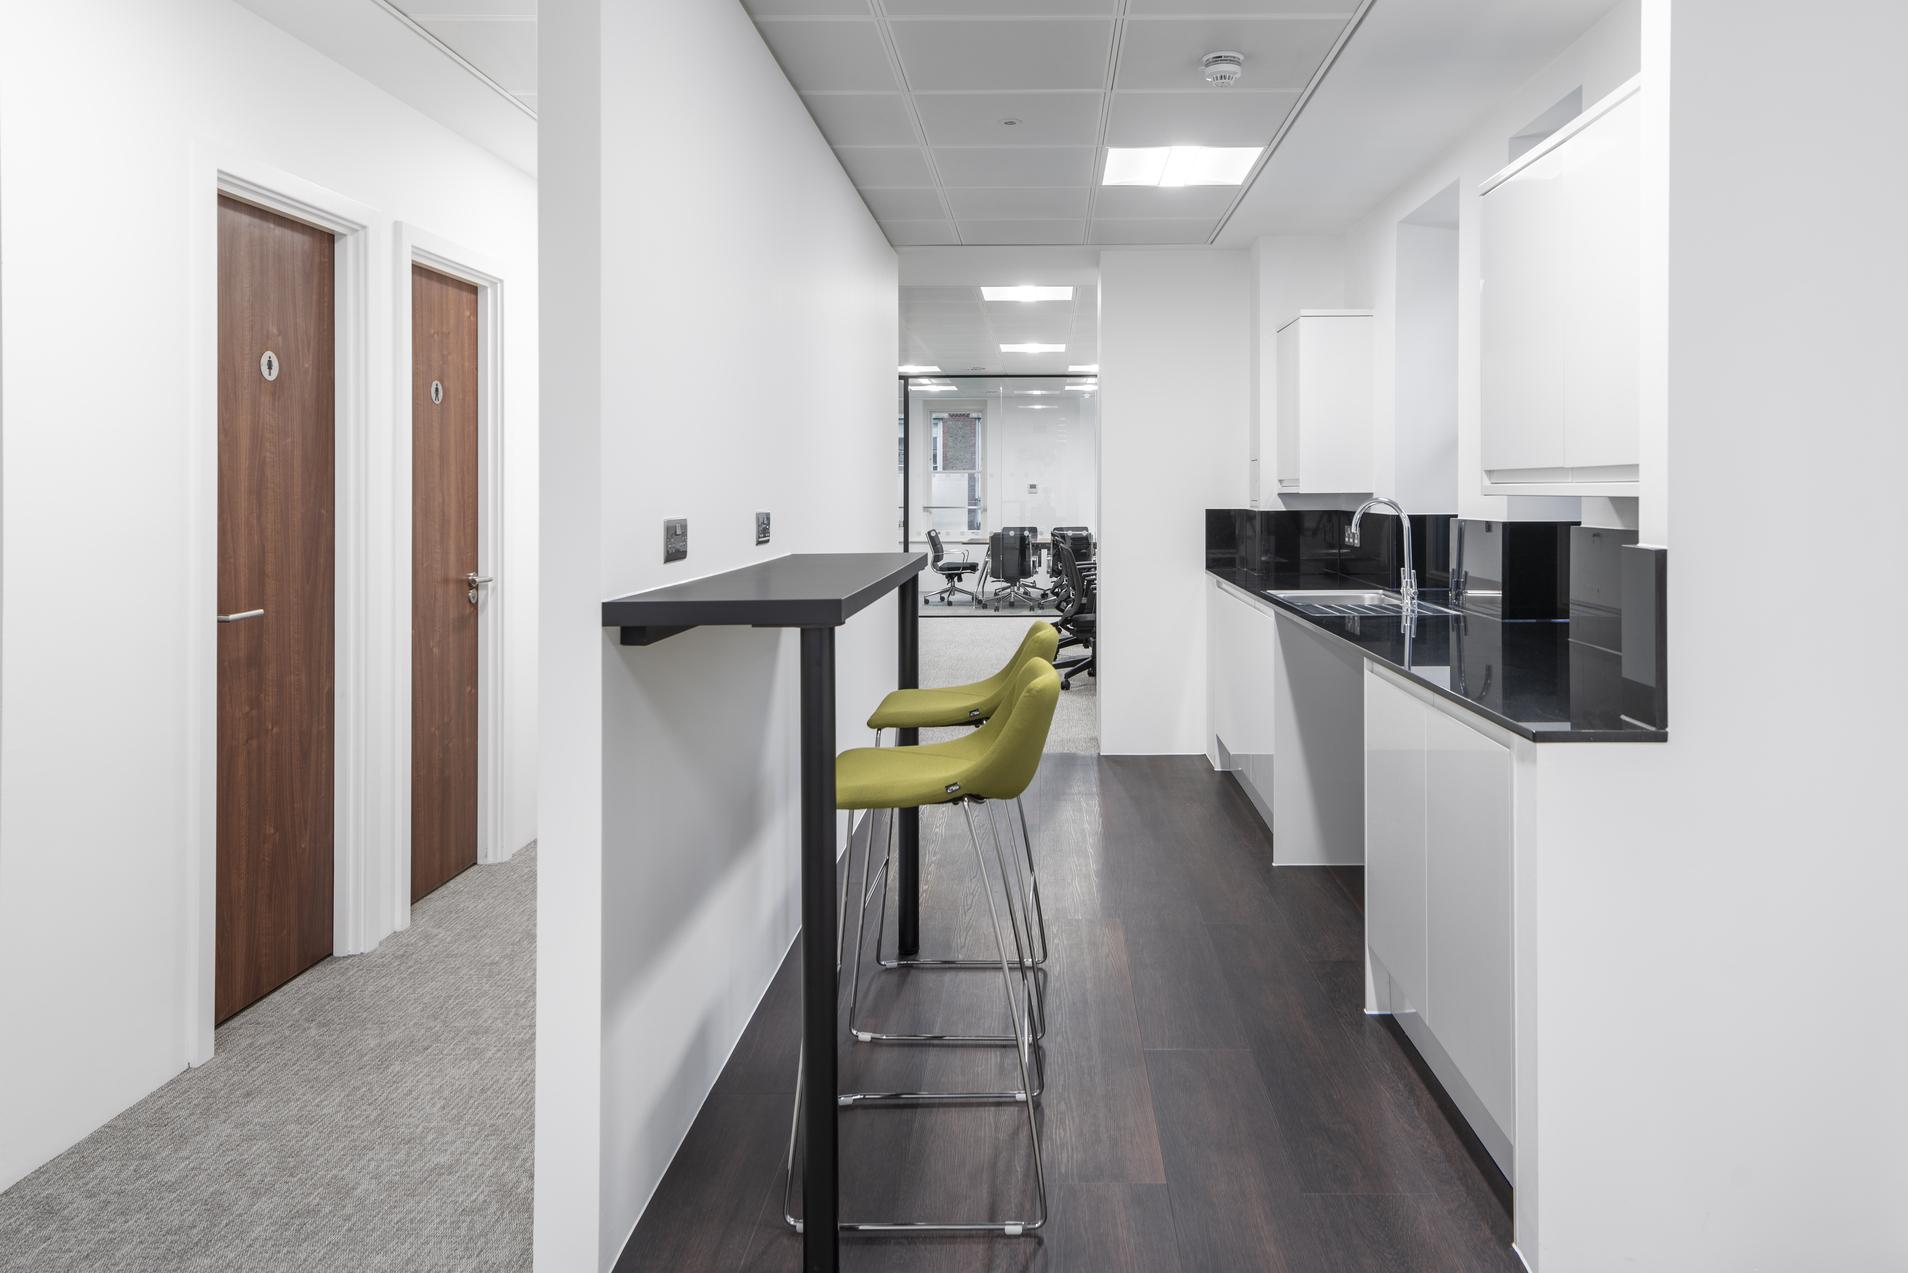 Jermyn Street Office Kitchen